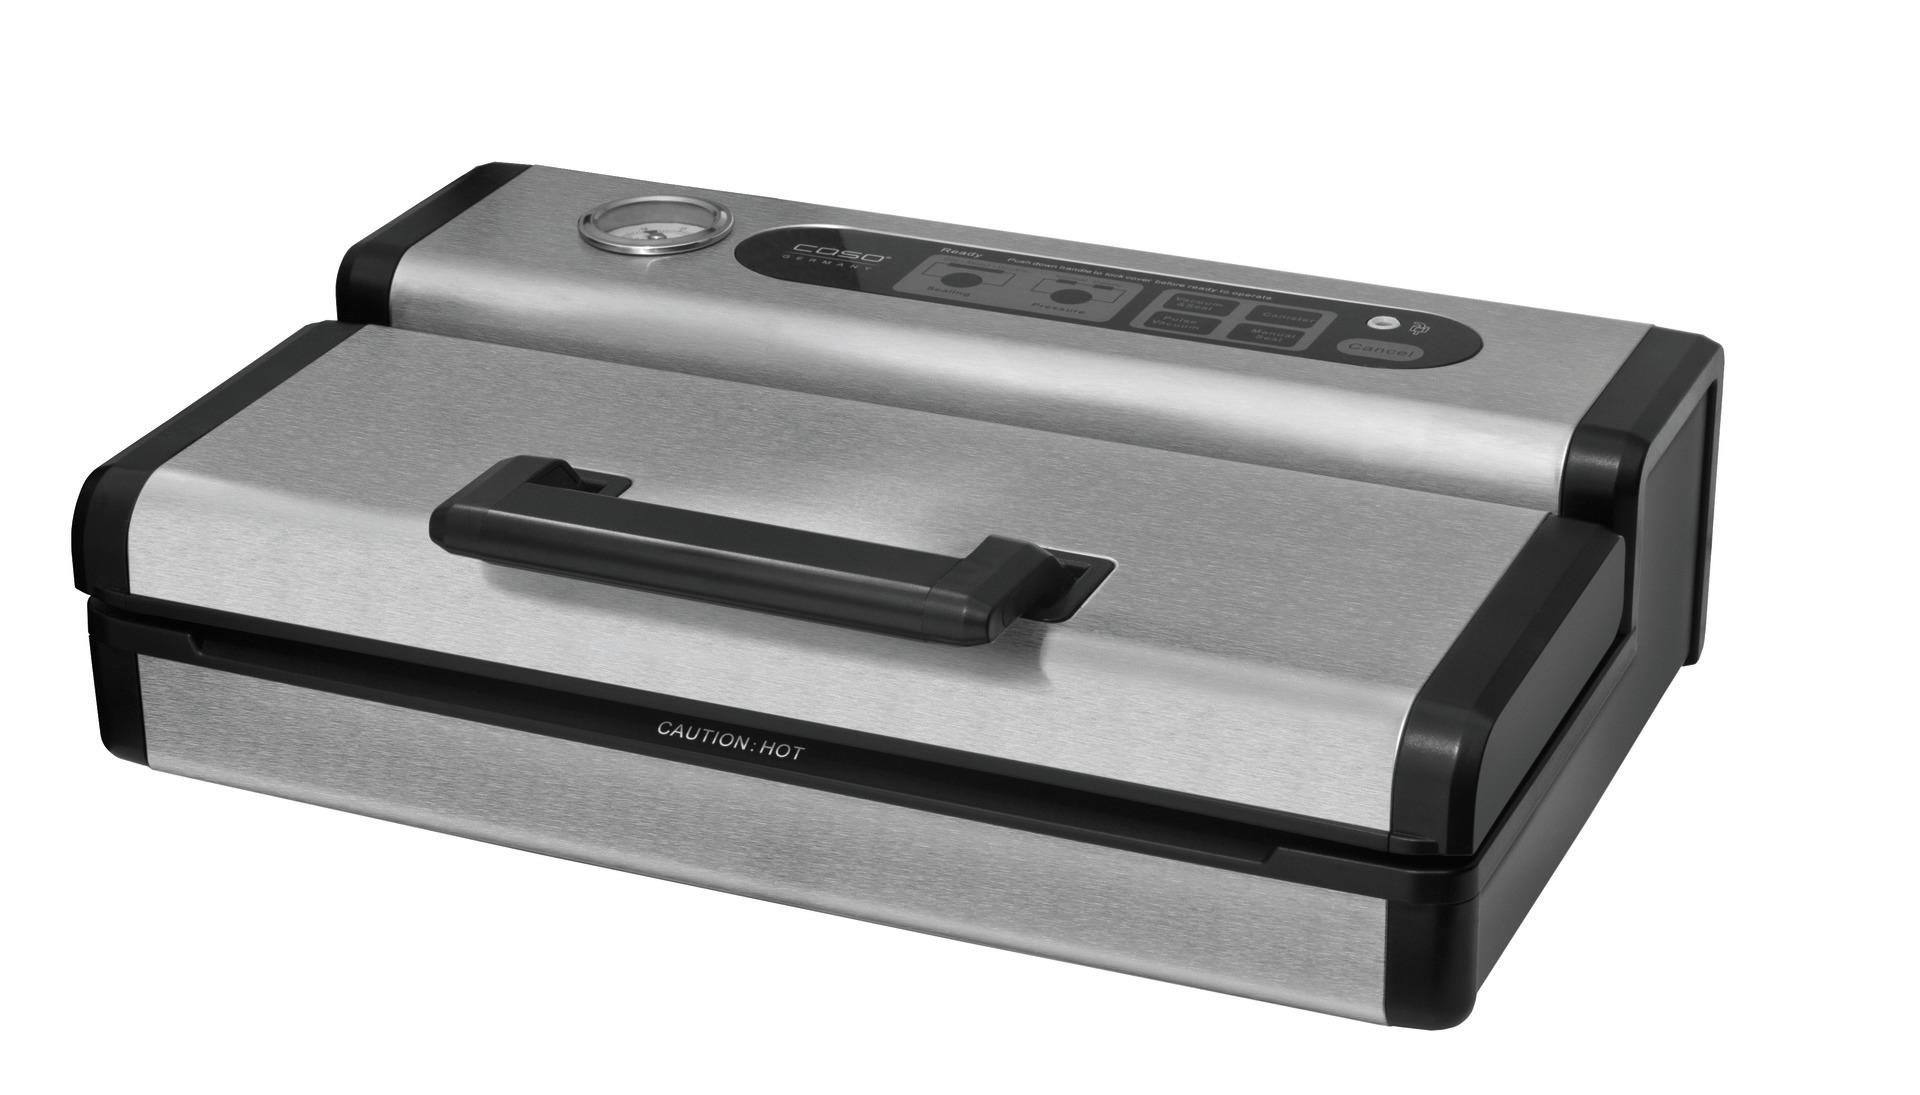 Vakuumiergerät 0,90 m³/h autom./manuell Schweißbalken 300 mm, 400 x 260 x 113 mm